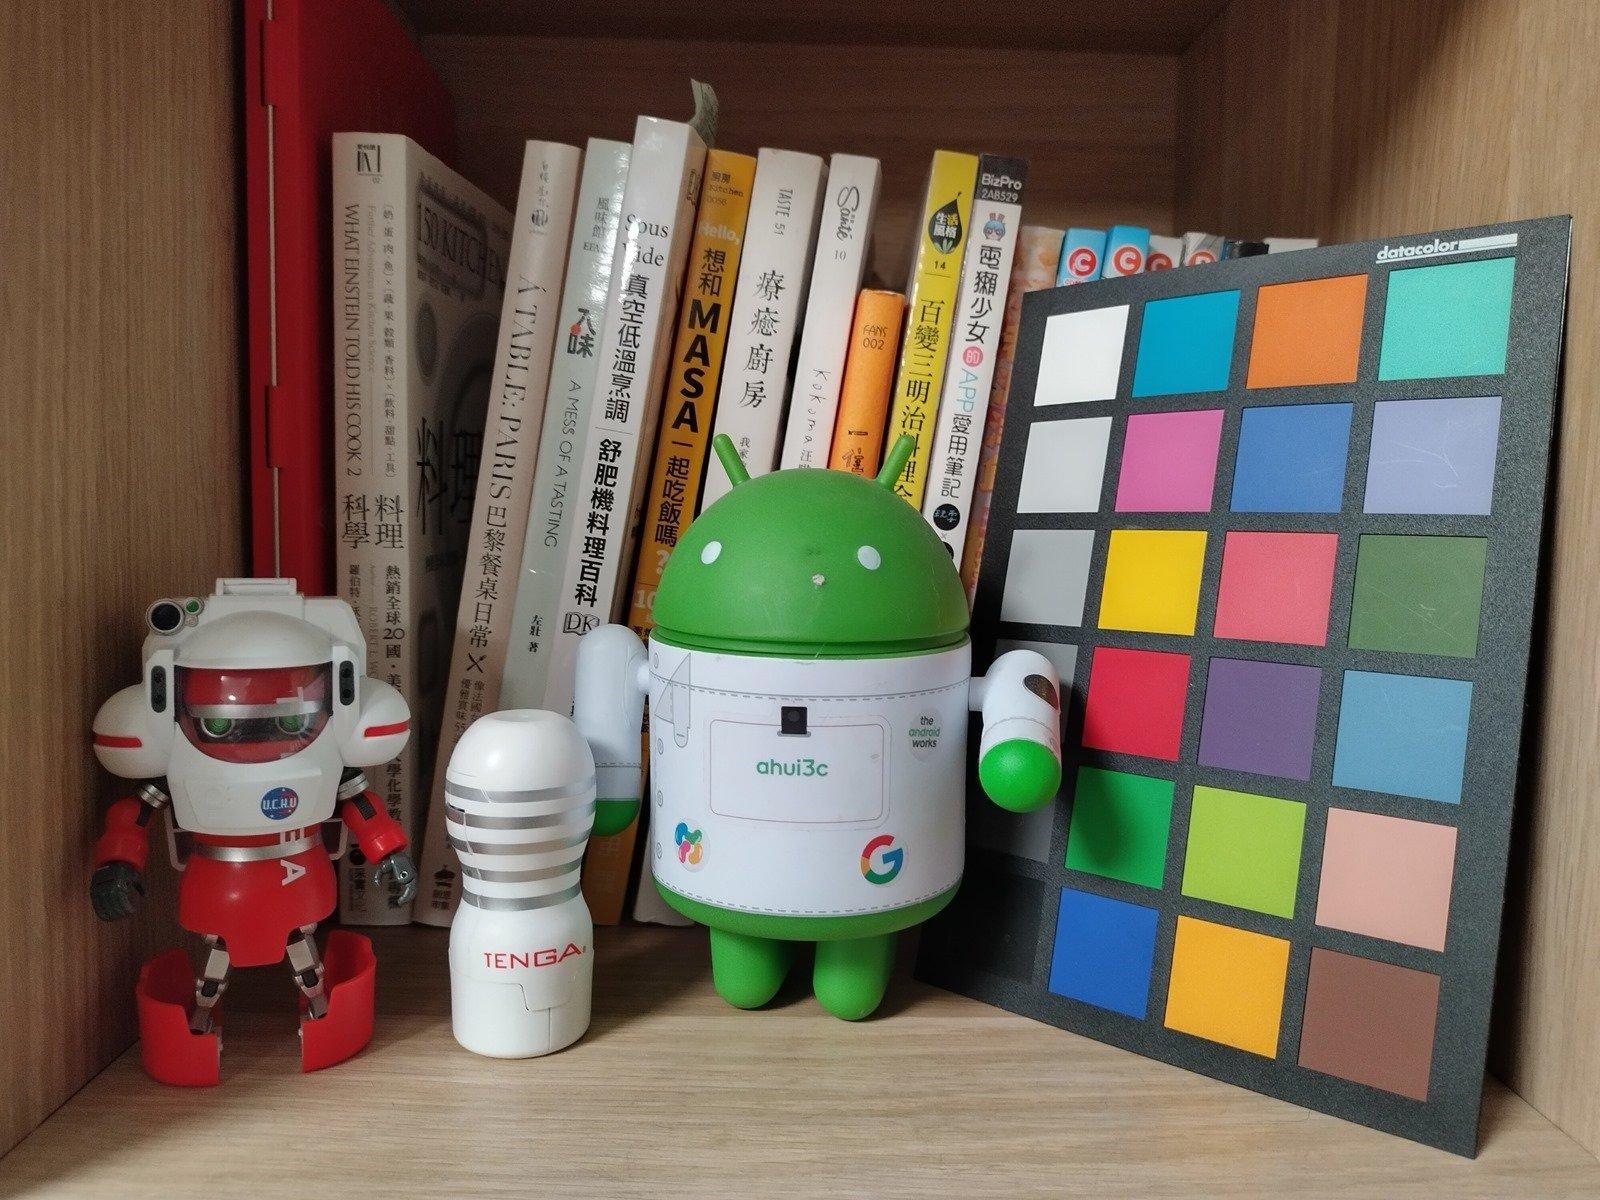 大螢幕強電力!Nokia G50 開箱實測分享 @3C 達人廖阿輝